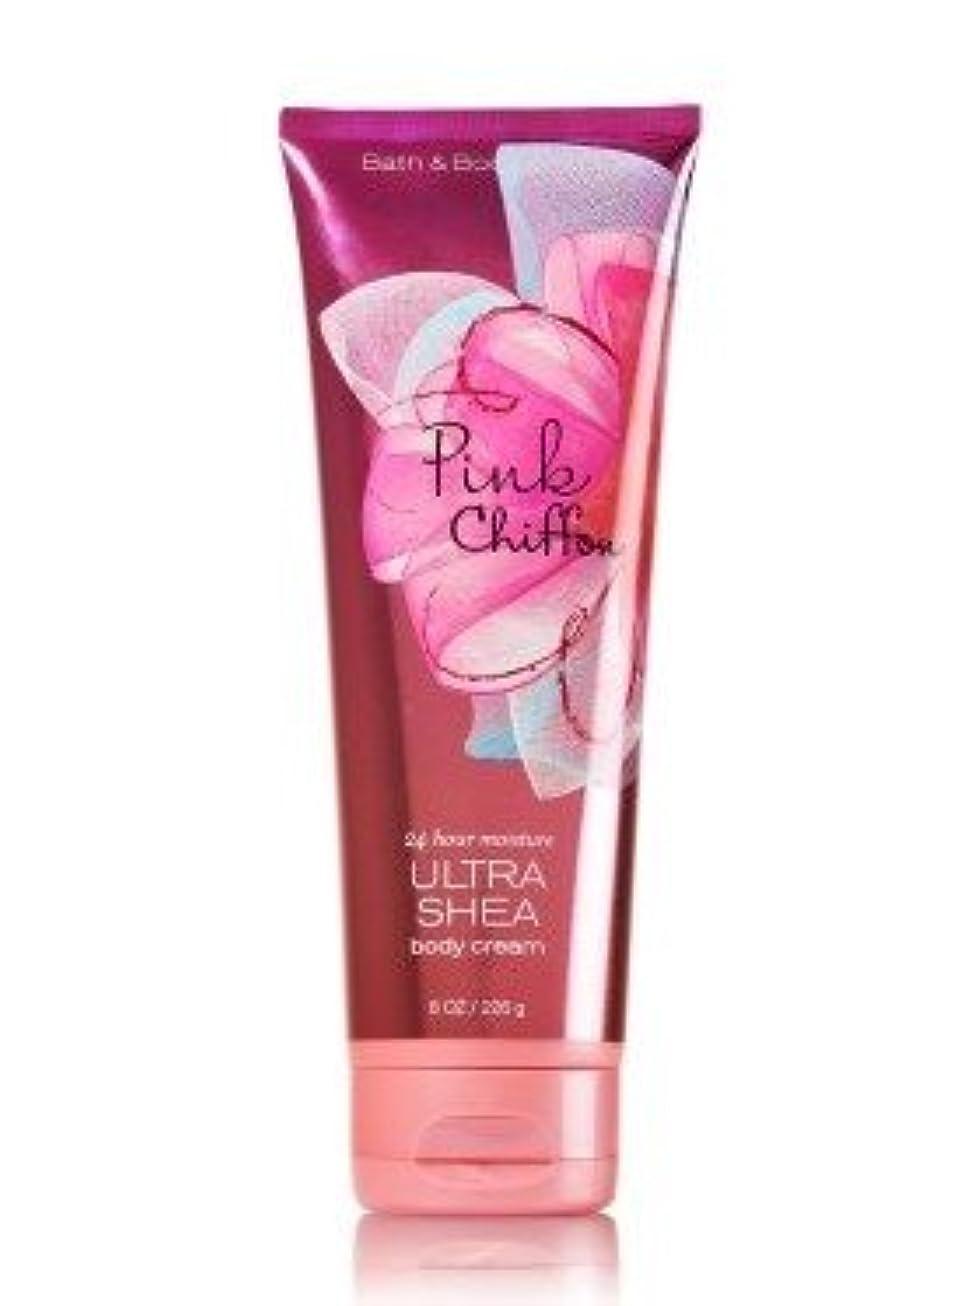 換気大通り下着【Bath&Body Works/バス&ボディワークス】 ボディクリーム ピンクシフォン Ultra Shea Body Cream Pink Chiffon 8 oz / 226 g [並行輸入品]